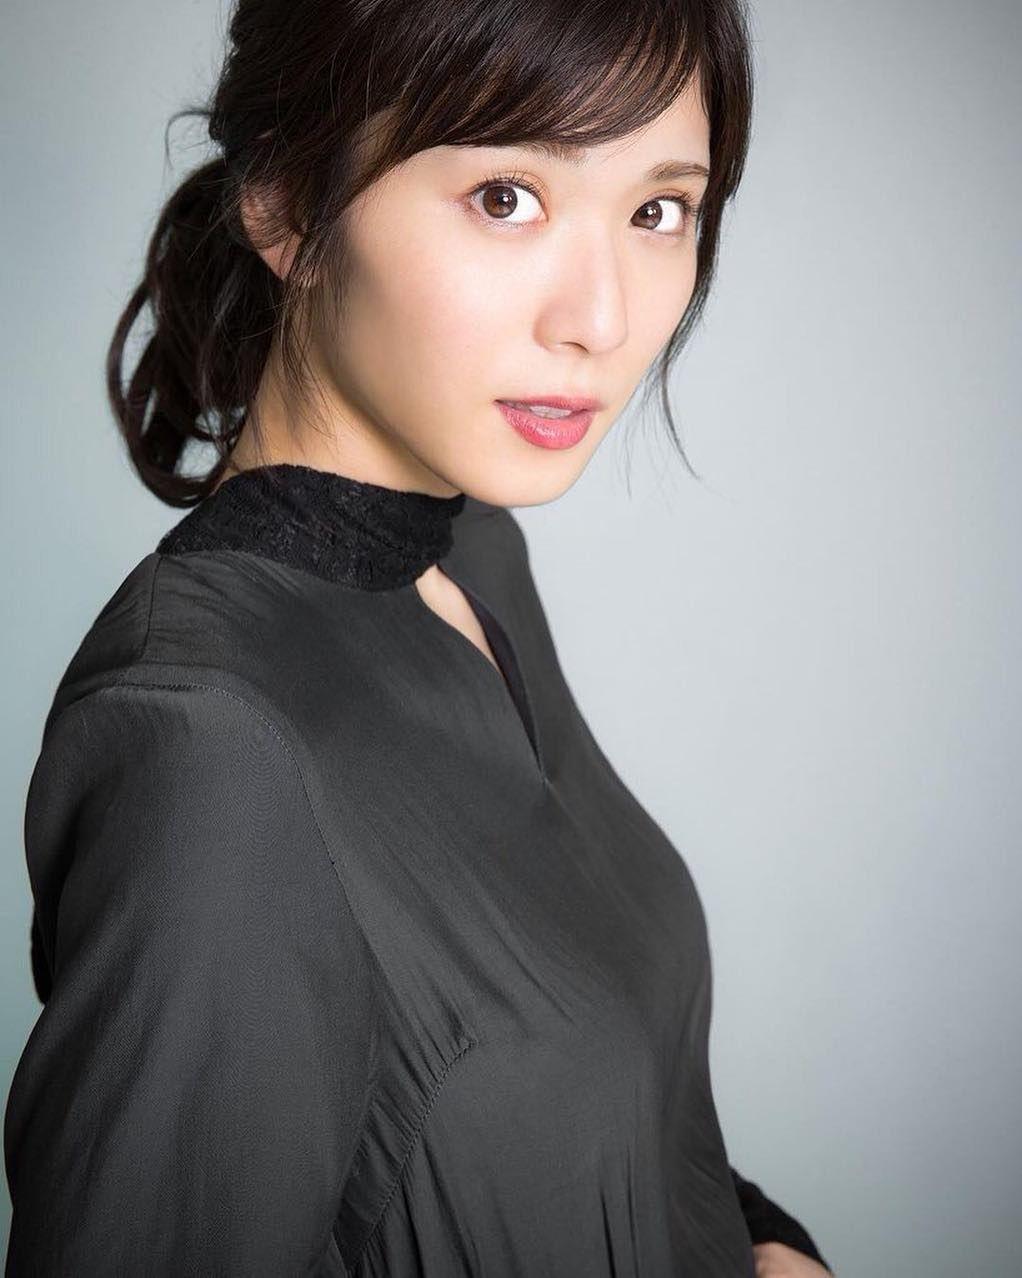 matsuoka_mayu029.jpg